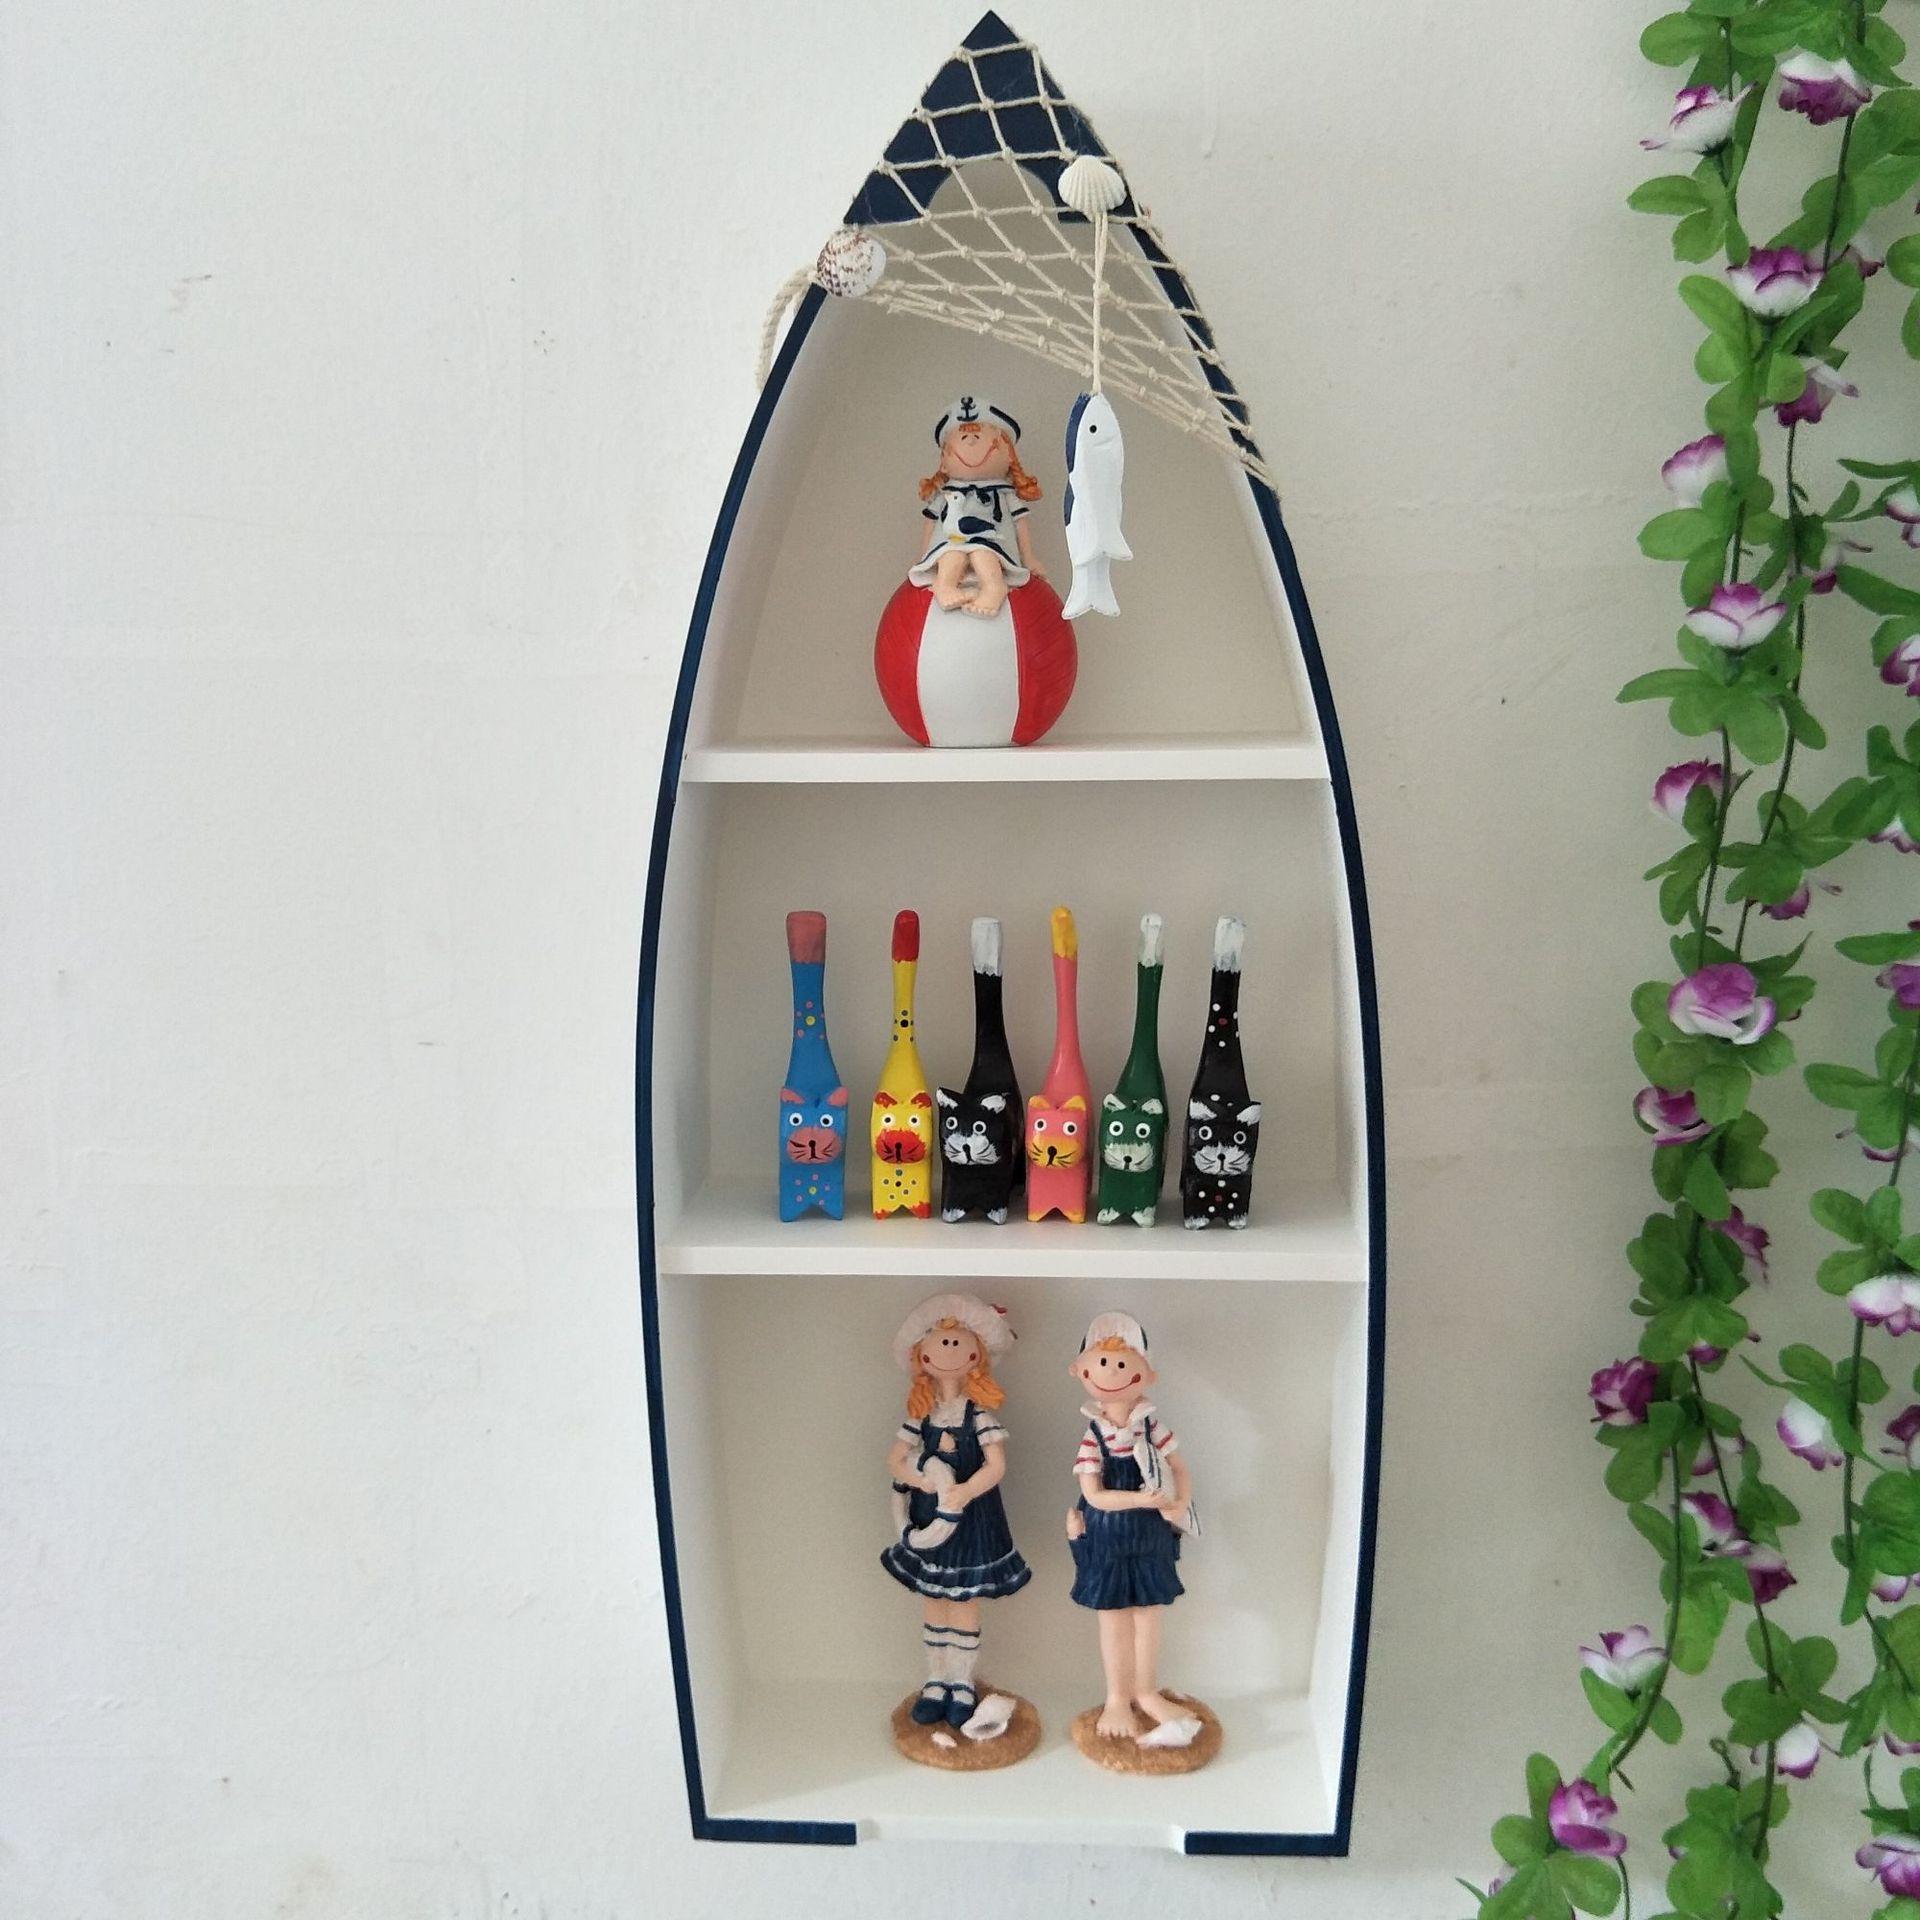 地中海風格木制船型壁掛船柜收納盒裝飾柜家居書房掛件幼兒園裝飾